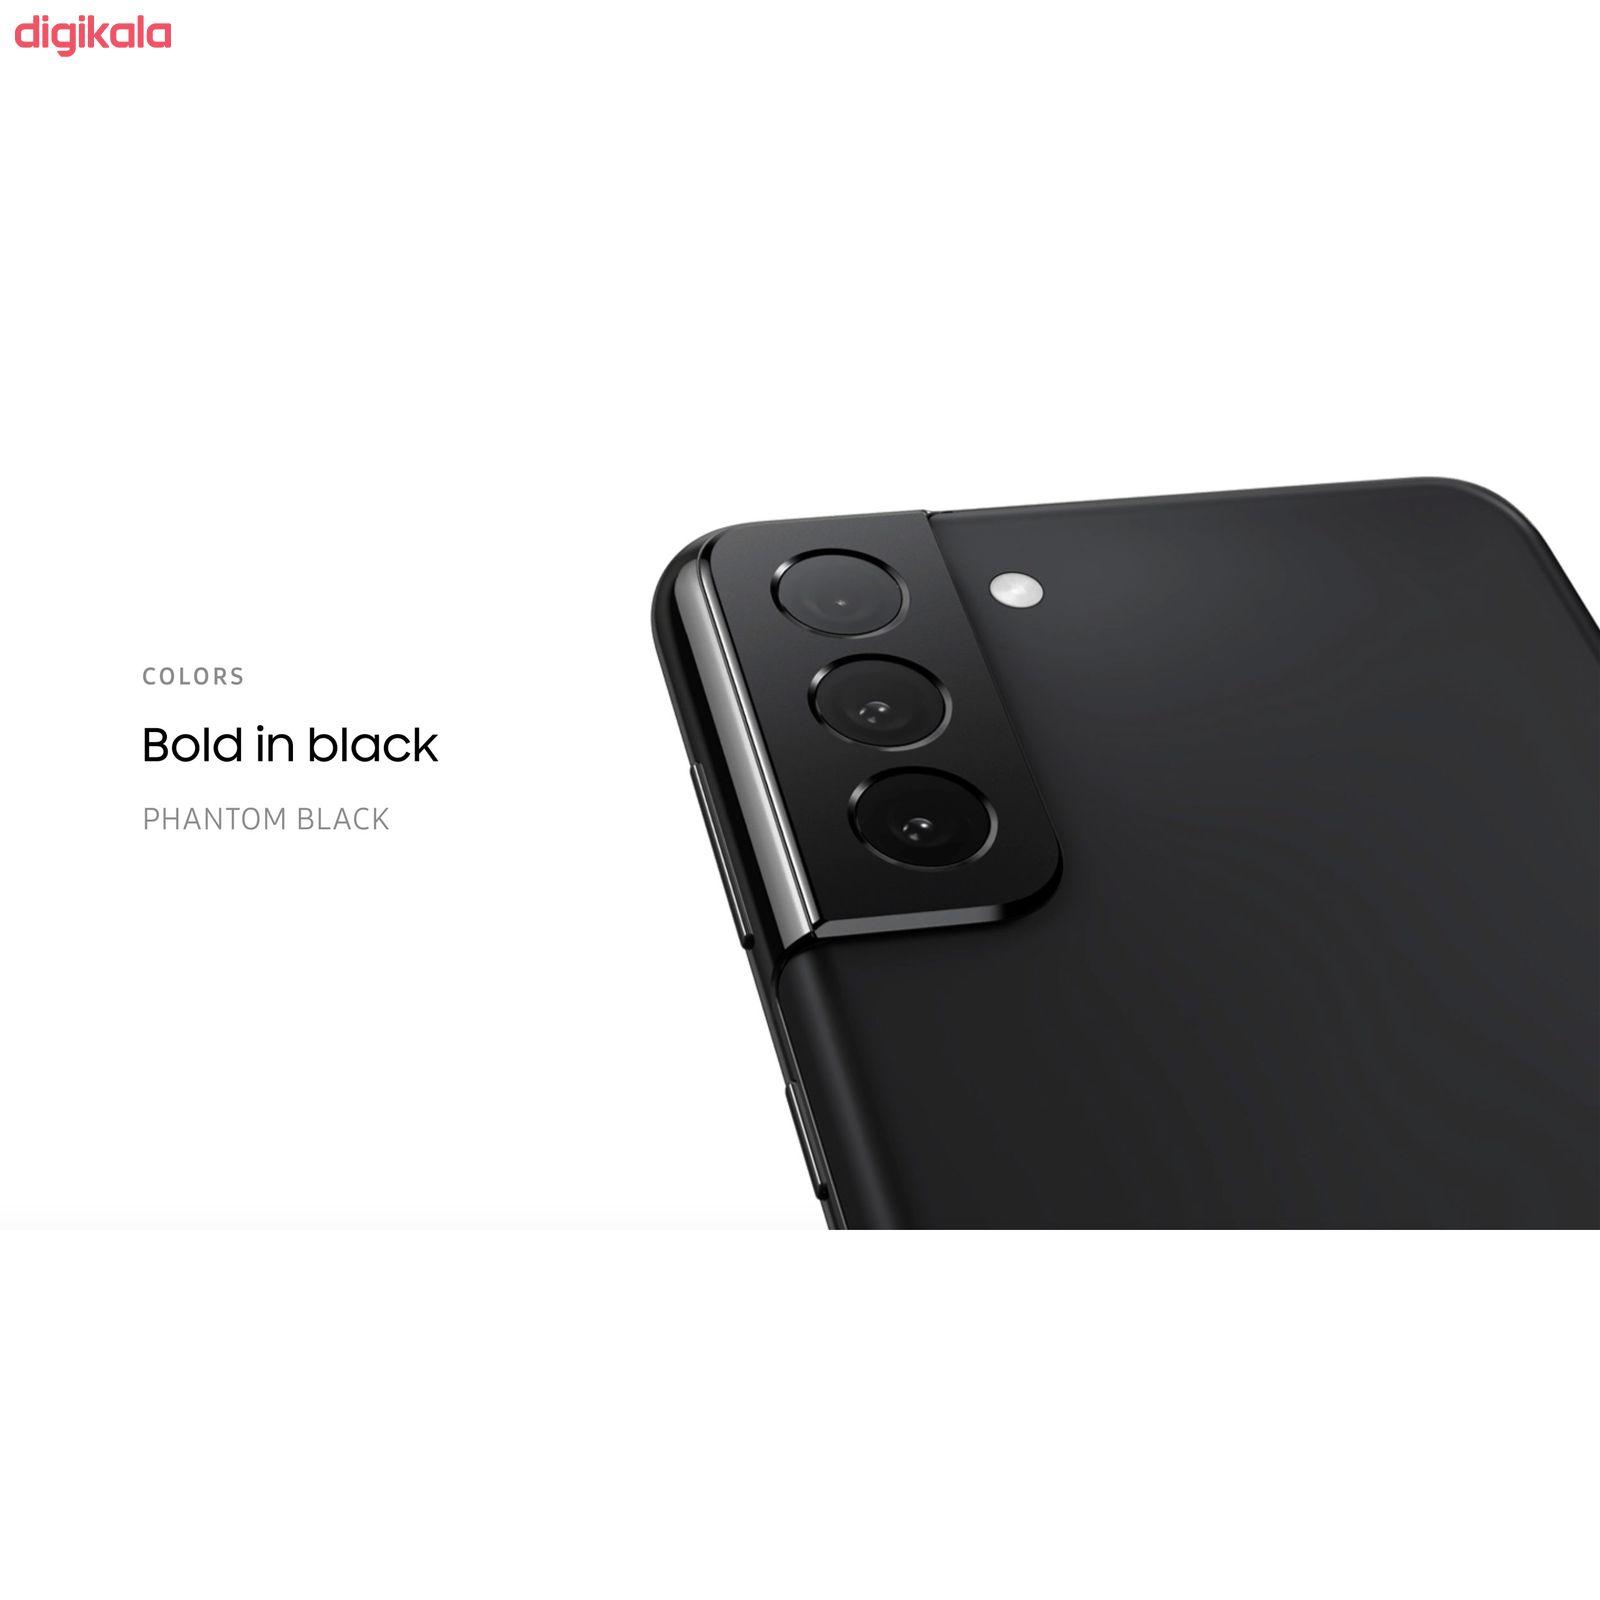 گوشی موبایل سامسونگ مدل Galaxy S21 Plus 5G SM-G996B/DS دو سیم کارت ظرفیت 256 گیگابایت و رم 8 گیگابایت main 1 11